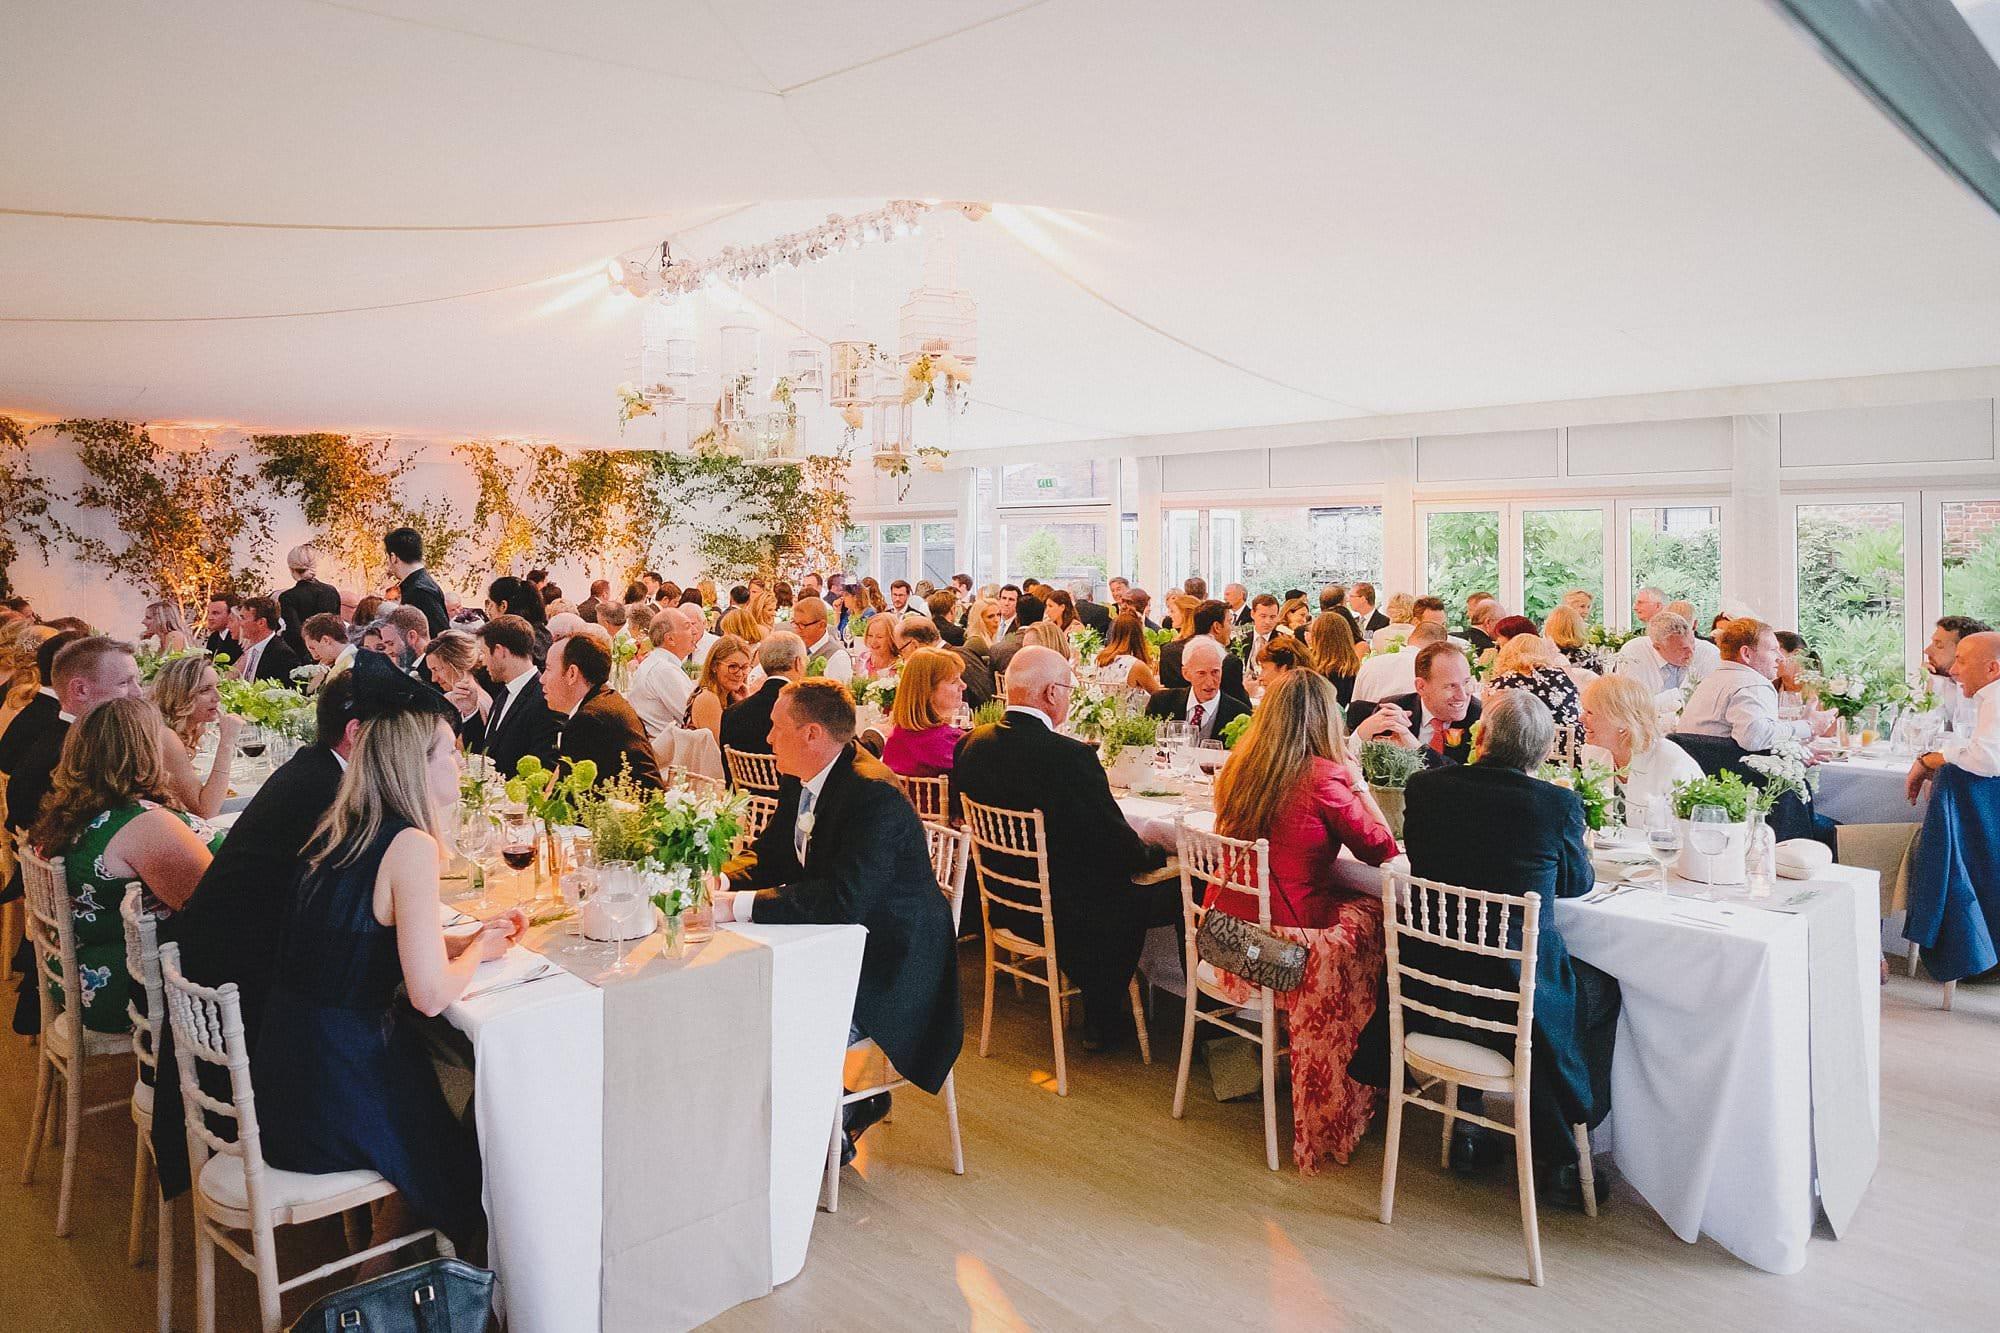 fulham palace wedding photographer 069 - Rosanna & Duncan's Fulham Palace Wedding